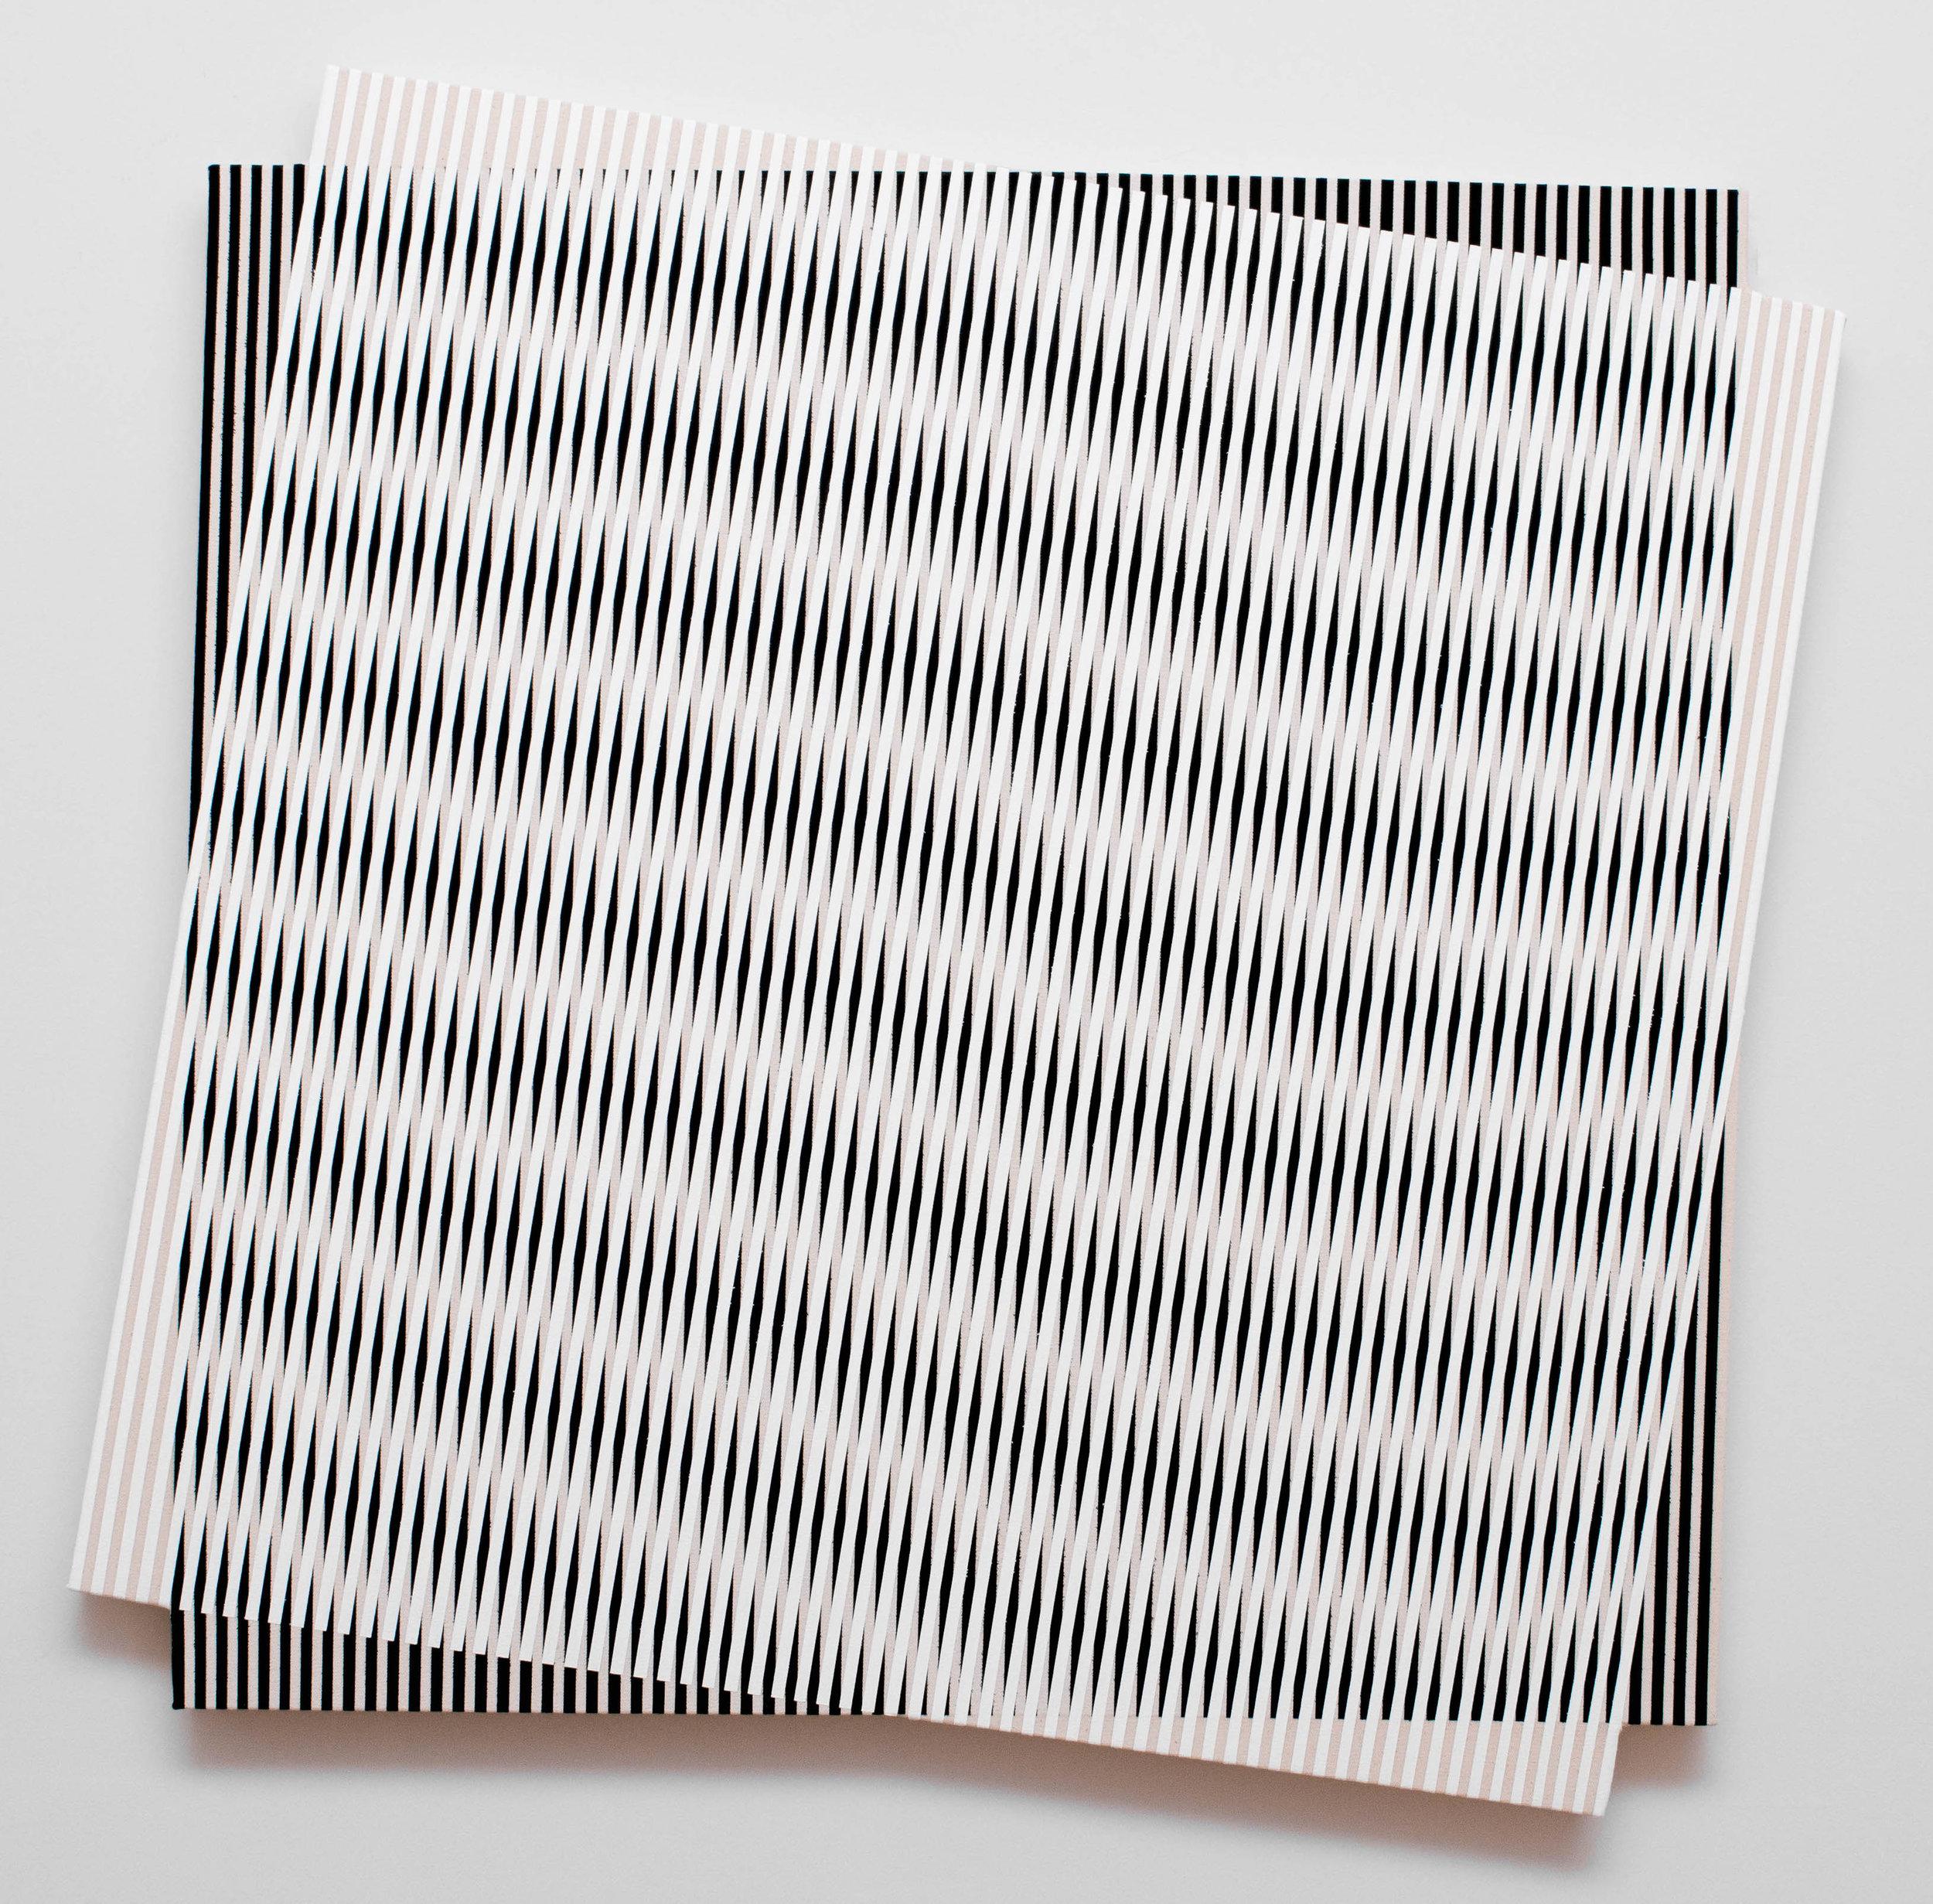 Johnny Abrahams_Untitled3_Acrylic on canvas_114.3x114.3cm_2016.jpg